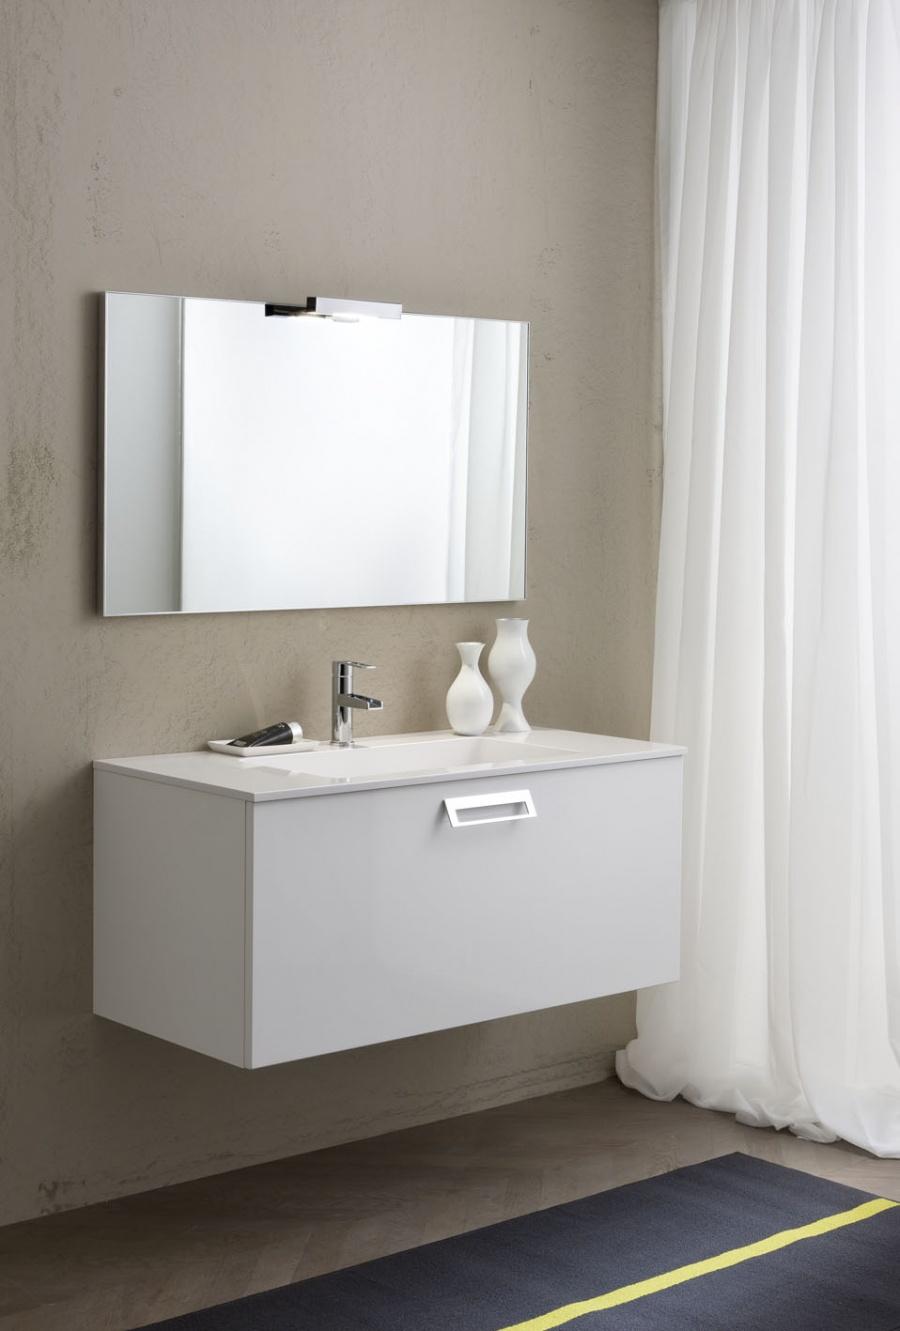 Bagni in stile moderno dane mobili - Mobili stile moderno contemporaneo ...